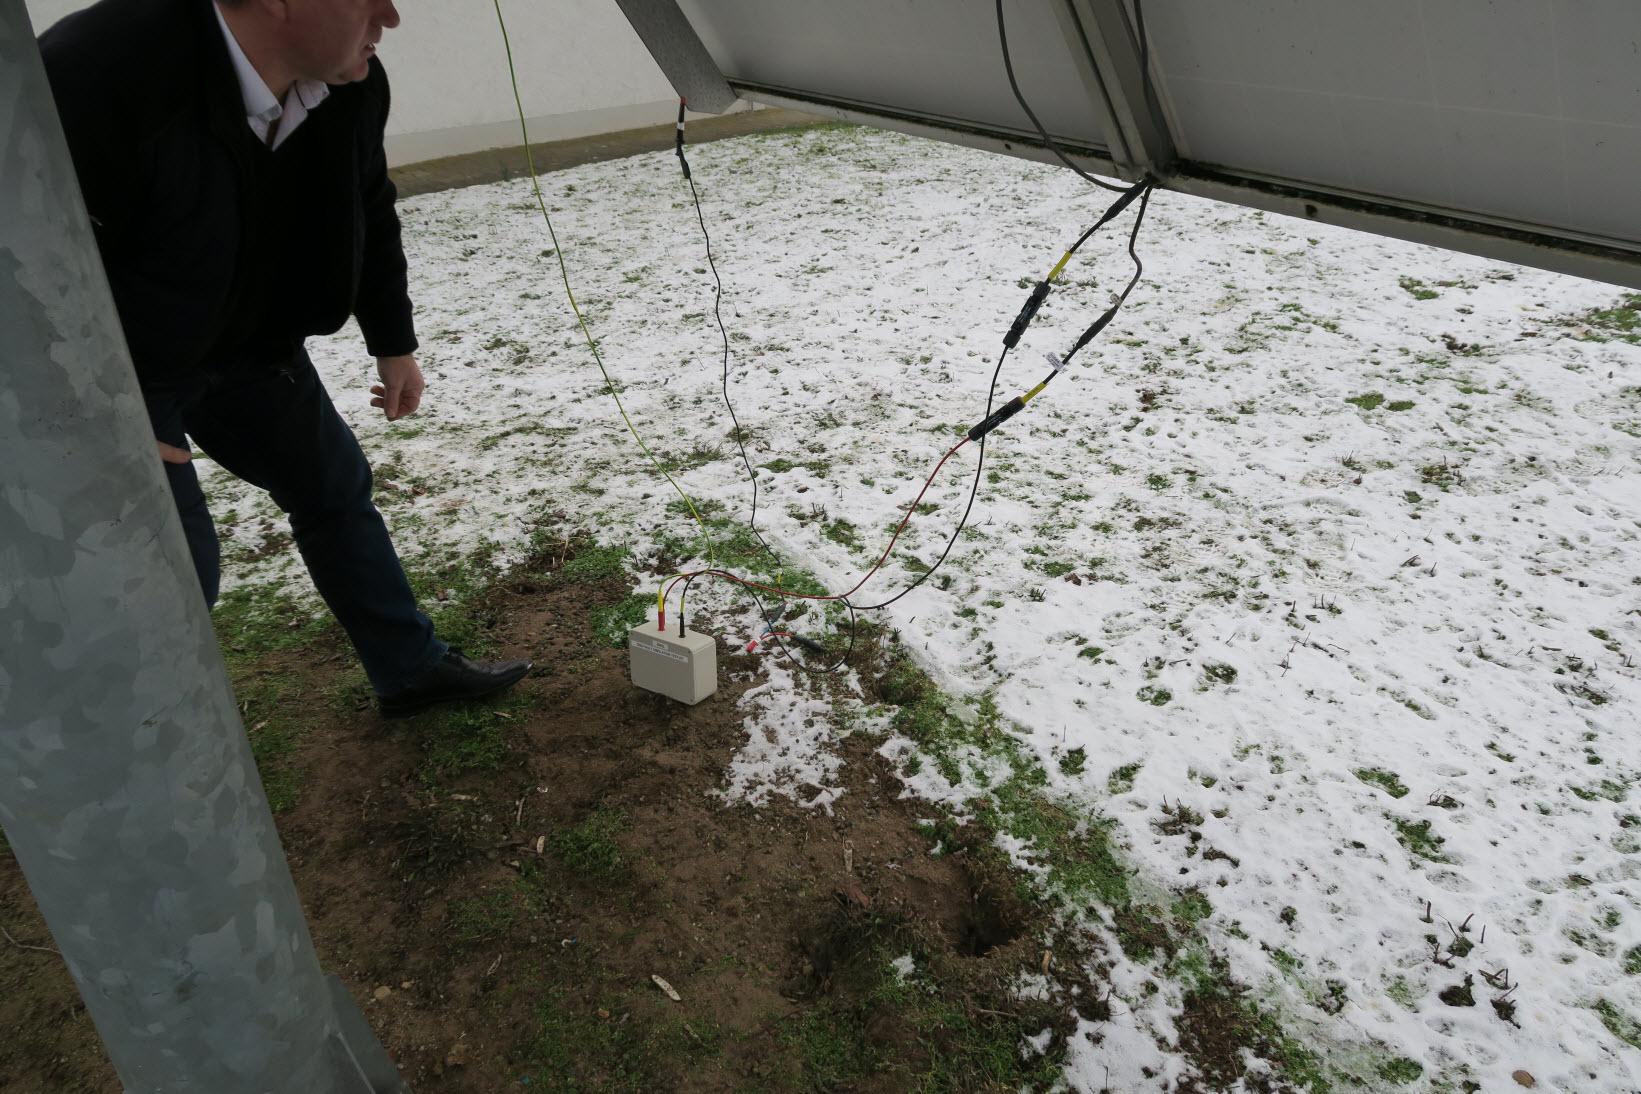 zum Testen wurde in einen Solarmodulstrang ein künstlicher Isolationsfehler eingebaut